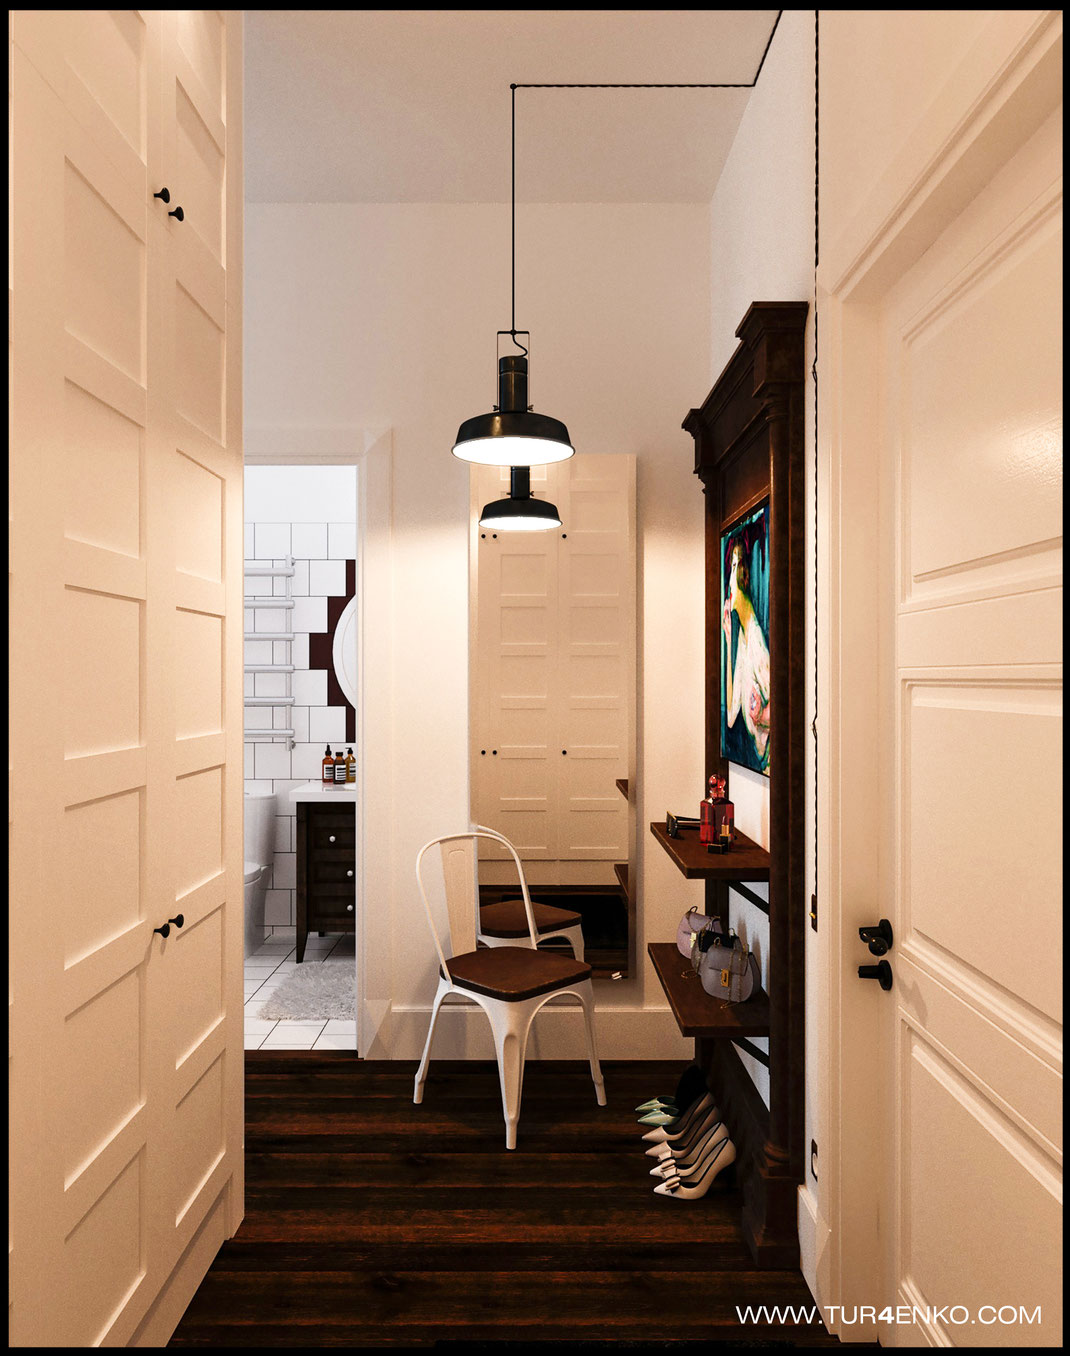 2 дизайн квартир Москва 89163172980 www.tur4enko.com